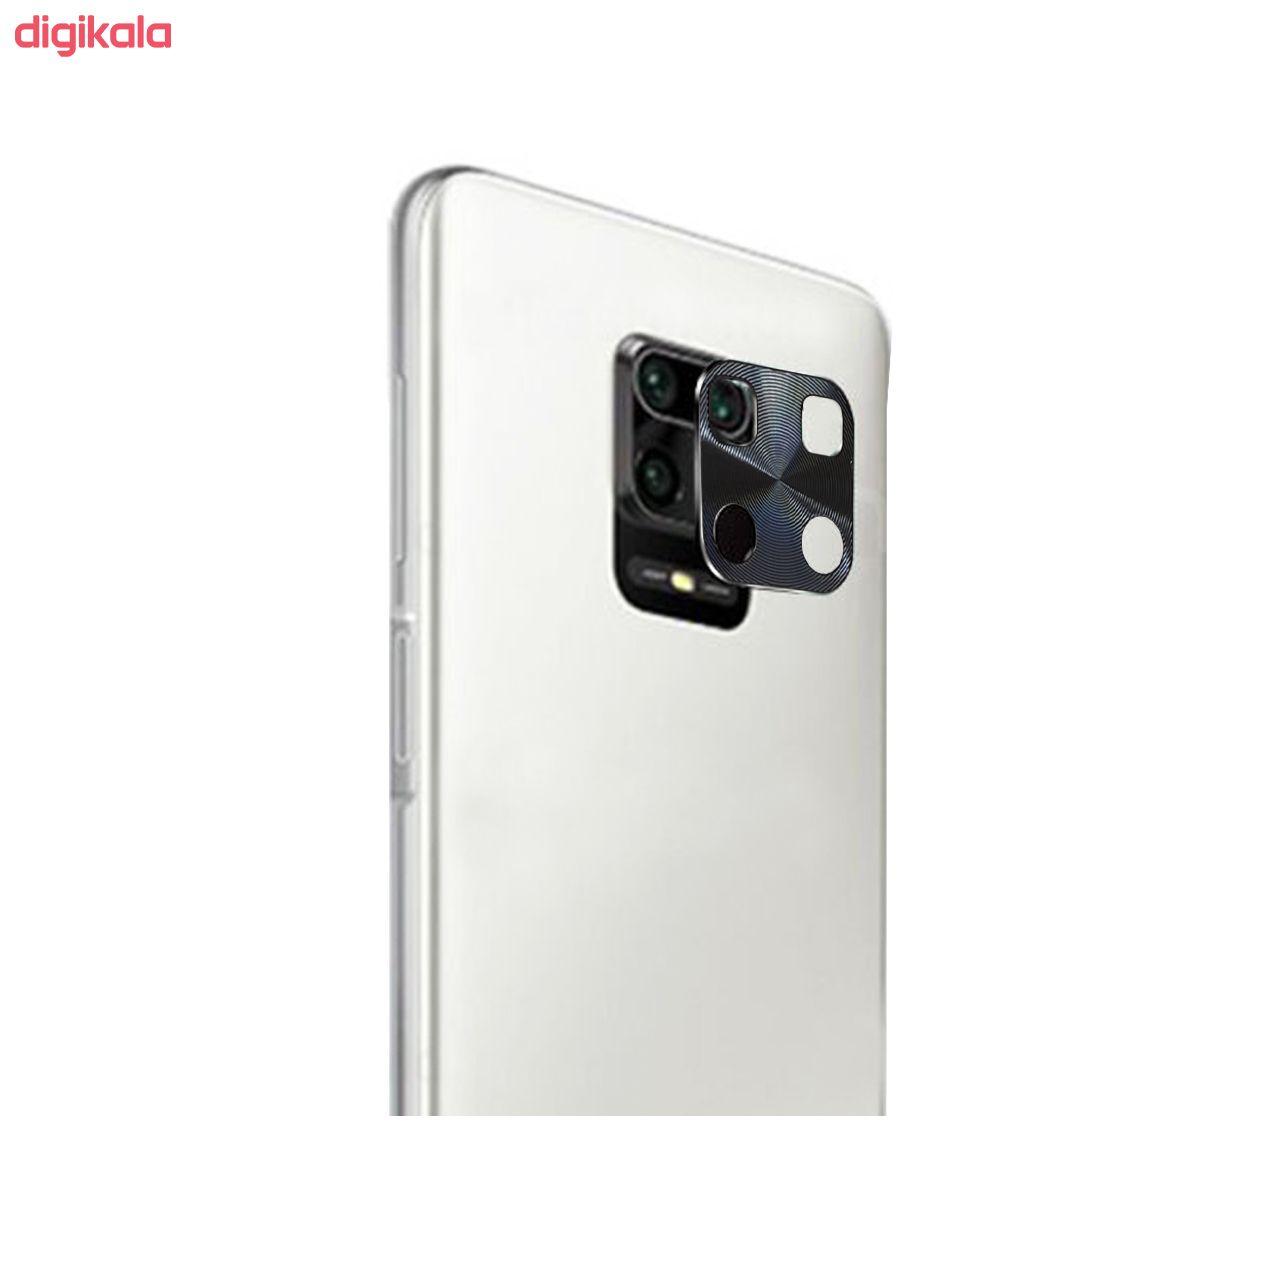 محافظ لنز دوربین مدل Flz مناسب برای گوشی موبایل شیائومی Redmi Note 9/9s/9 Pro main 1 1